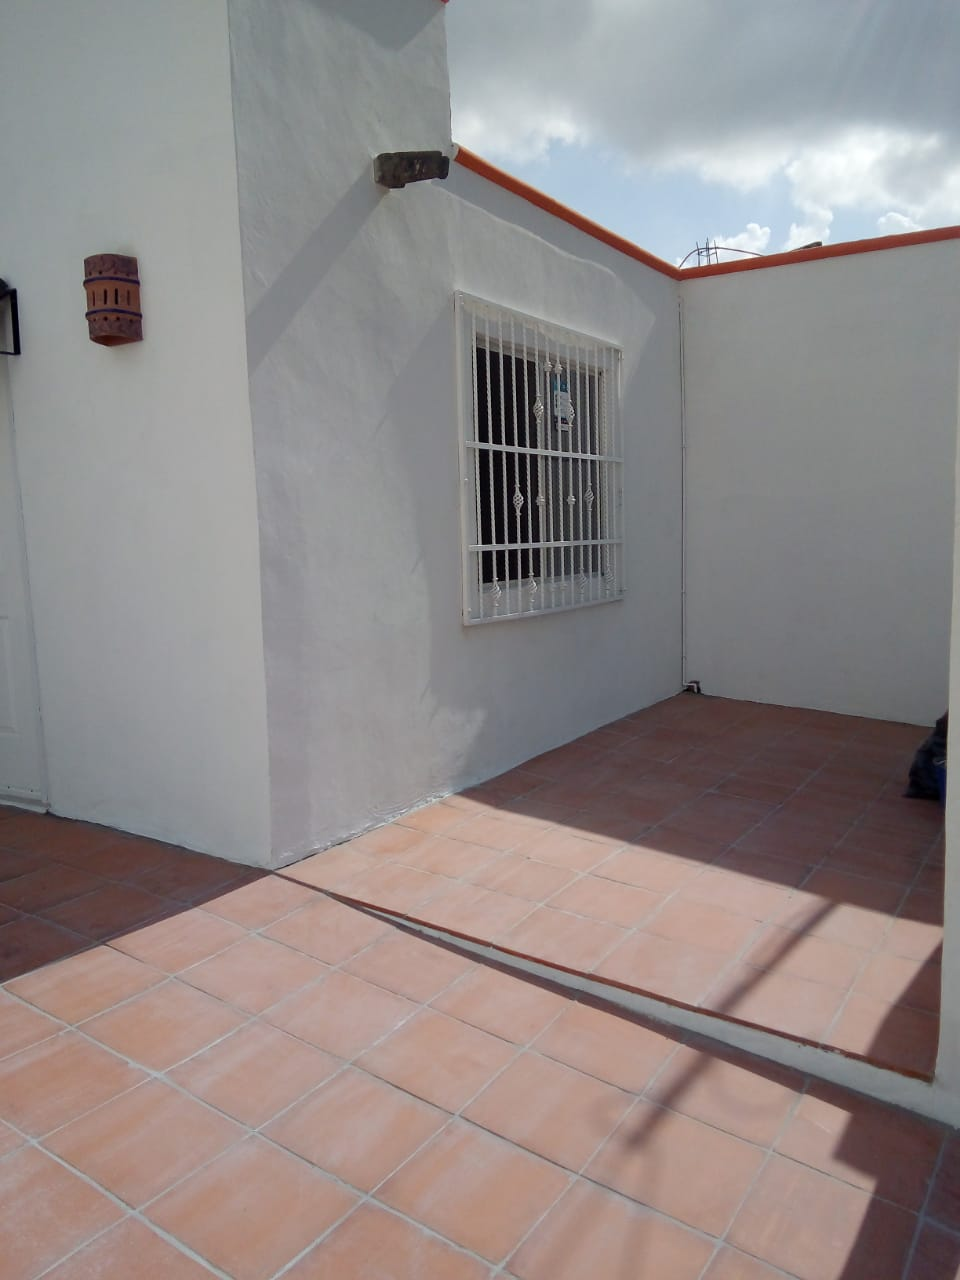 Casa en SM 91, Cancun Quintana Roo